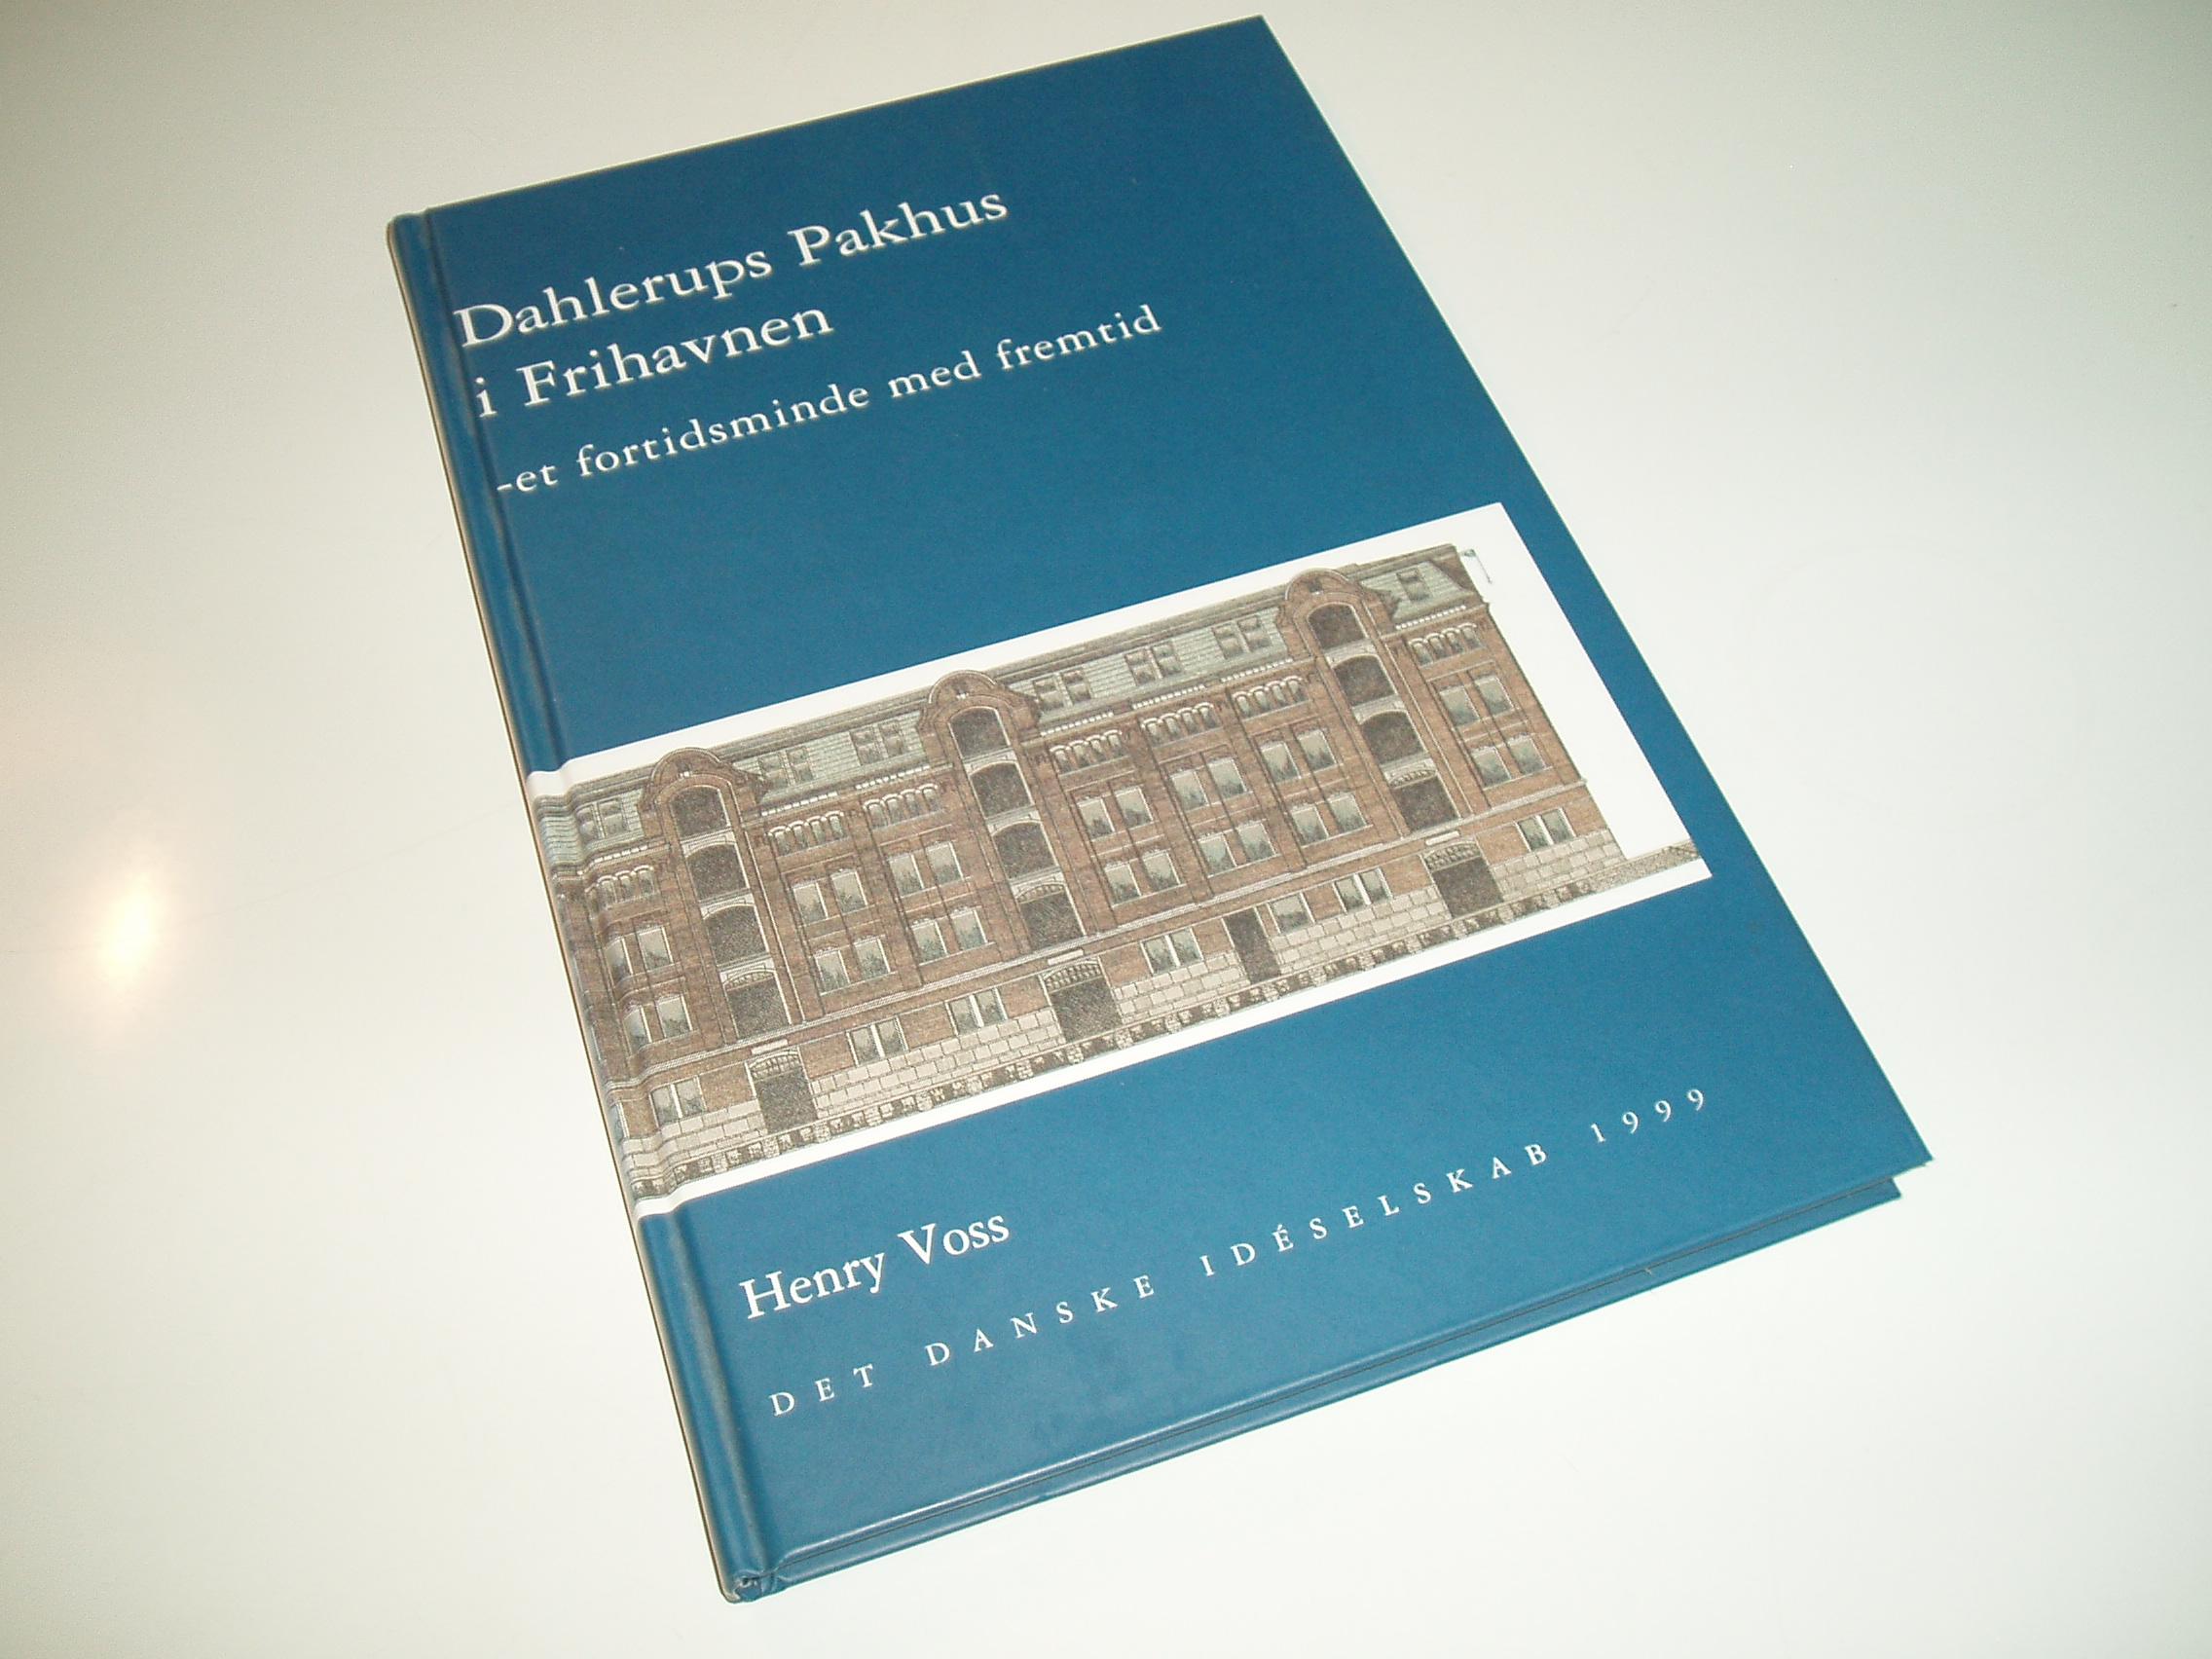 Dahlerups Pakhus i Frihavnen - et fortidsminde med fremtid